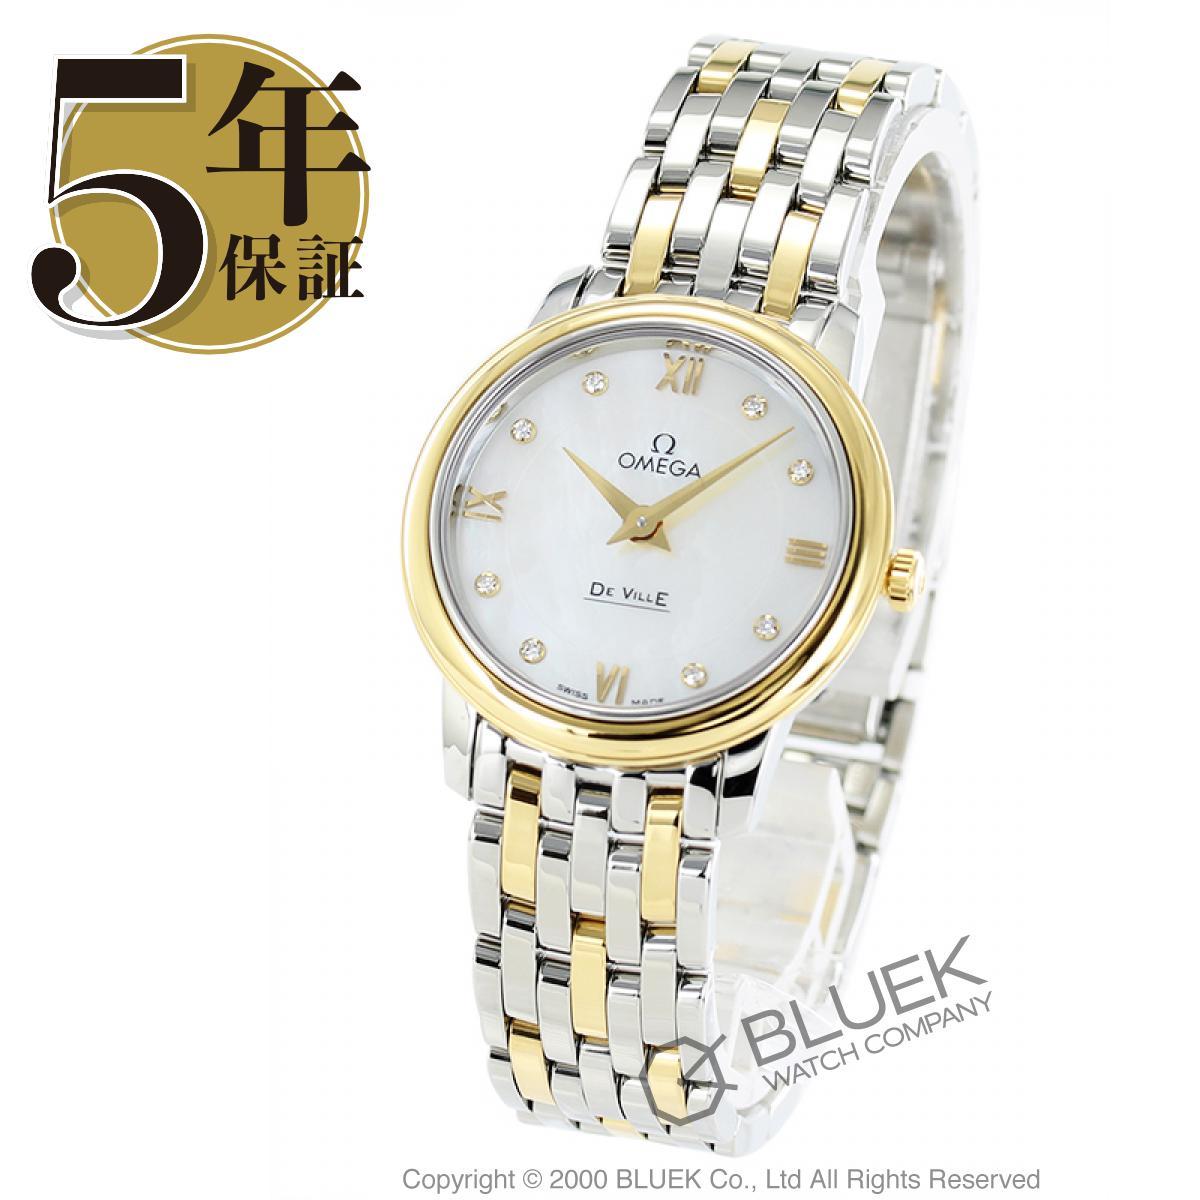 オメガ デビル プレステージ ダイヤ 腕時計 レディース OMEGA 424.20.27.60.55.001_5